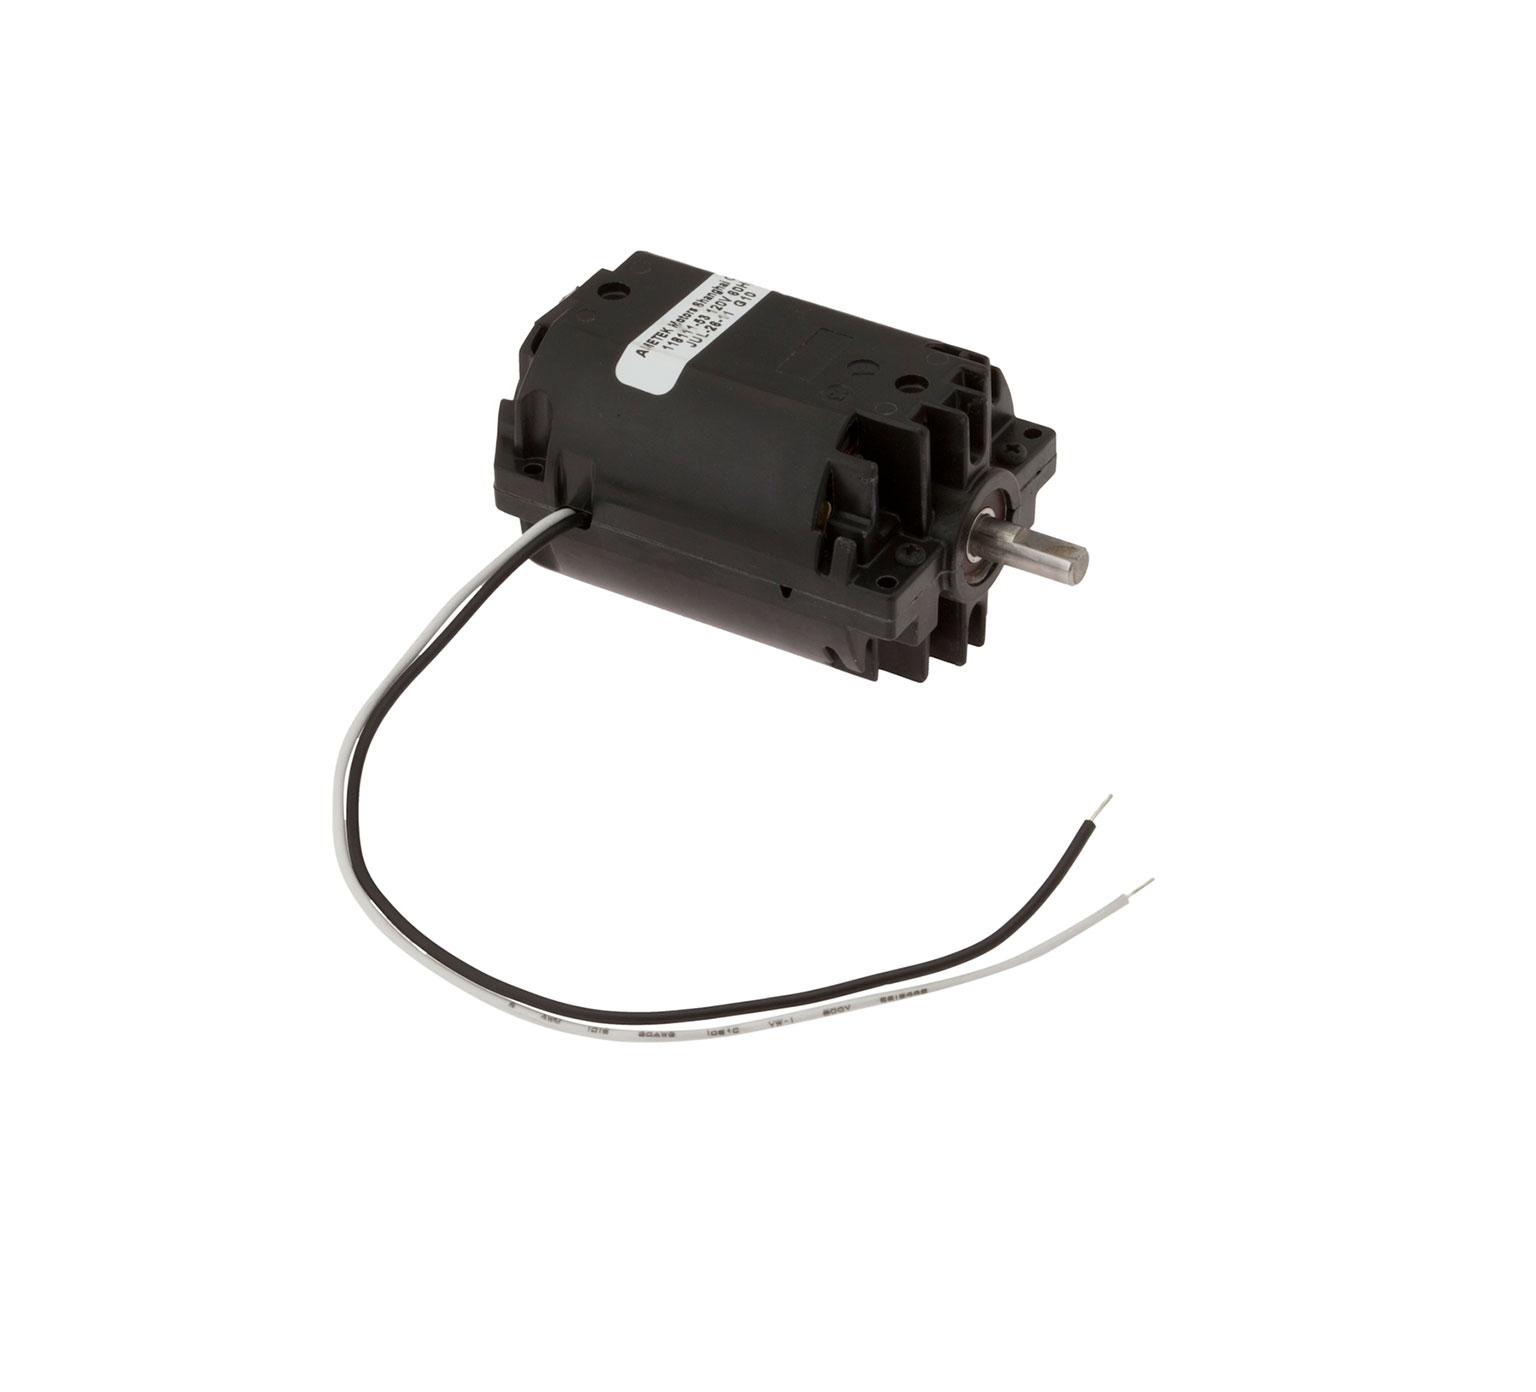 Tennanttrue Motor 0 187 X 0 09 In Pn 130398